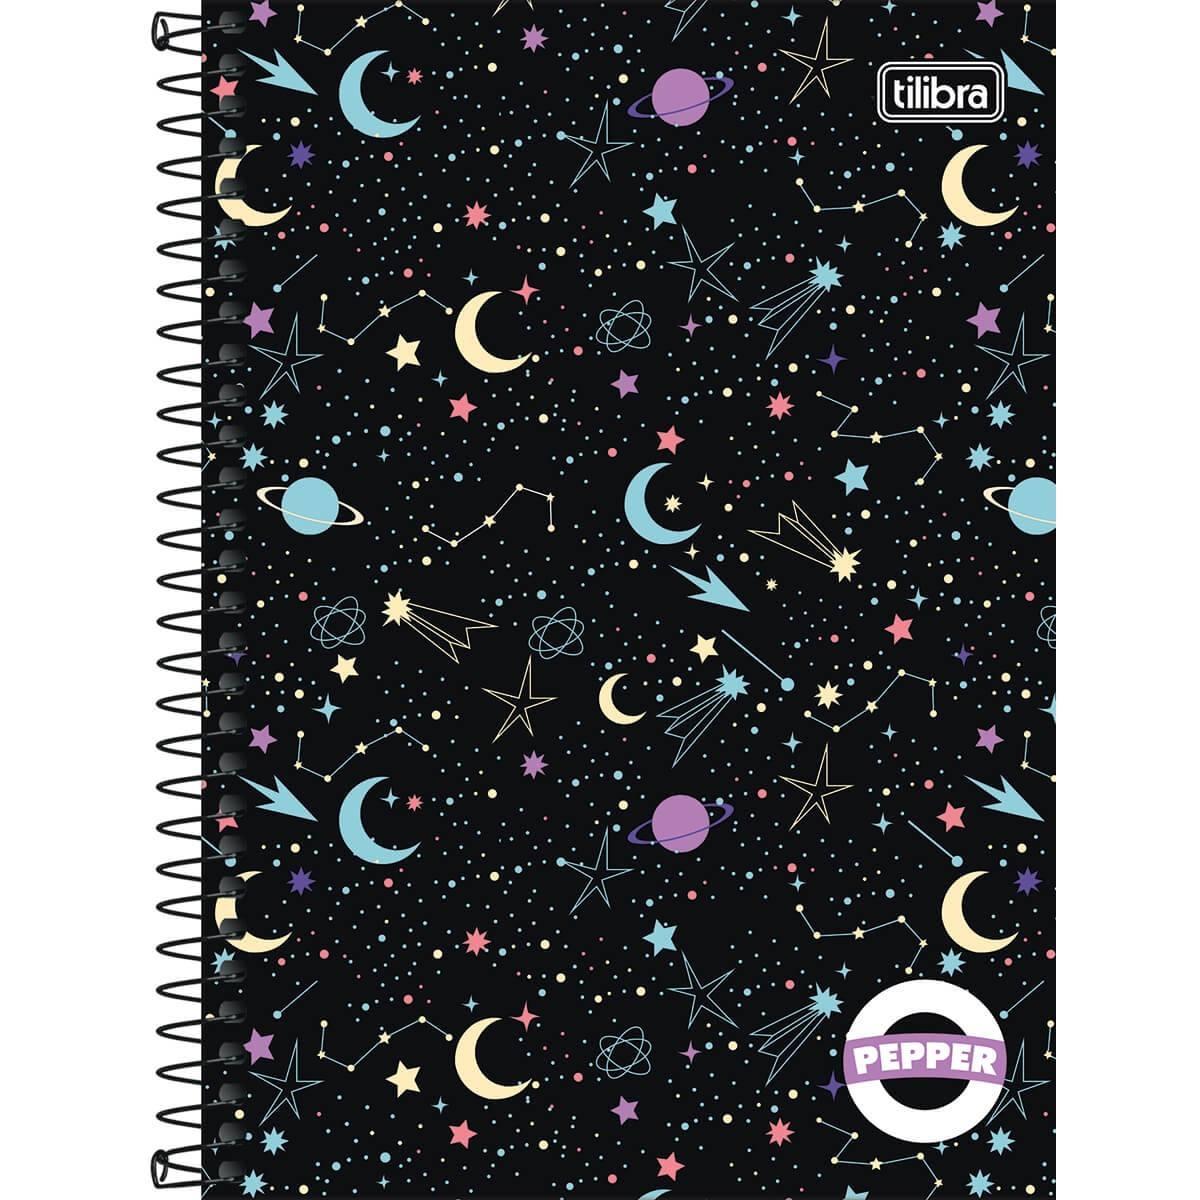 Caderno Espiral Capa Dura Universitário 1 Matéria Pepper Feminino 80 Folhas - Tilibra